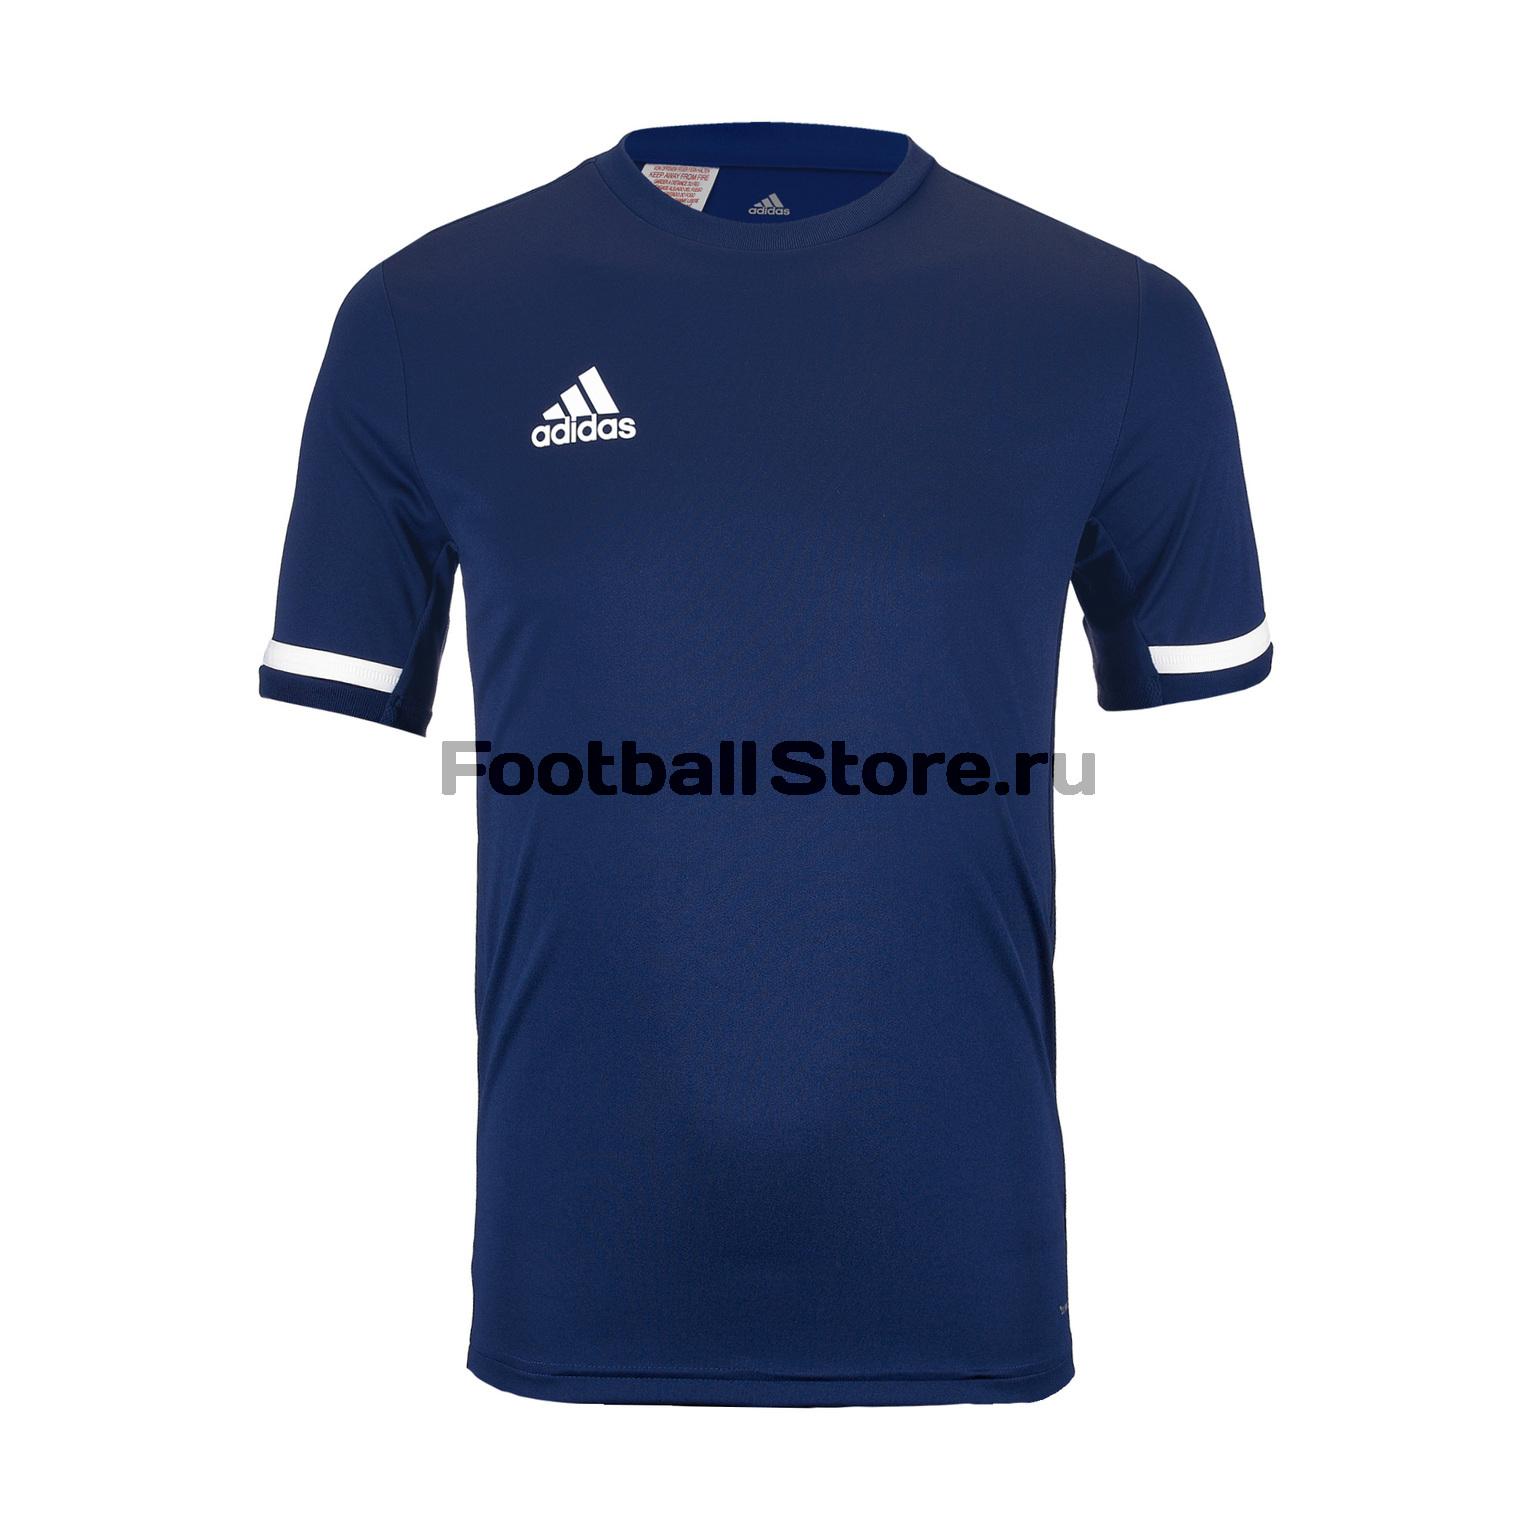 Футболка тренировочная подростковая Adidas T19 SS DY8844